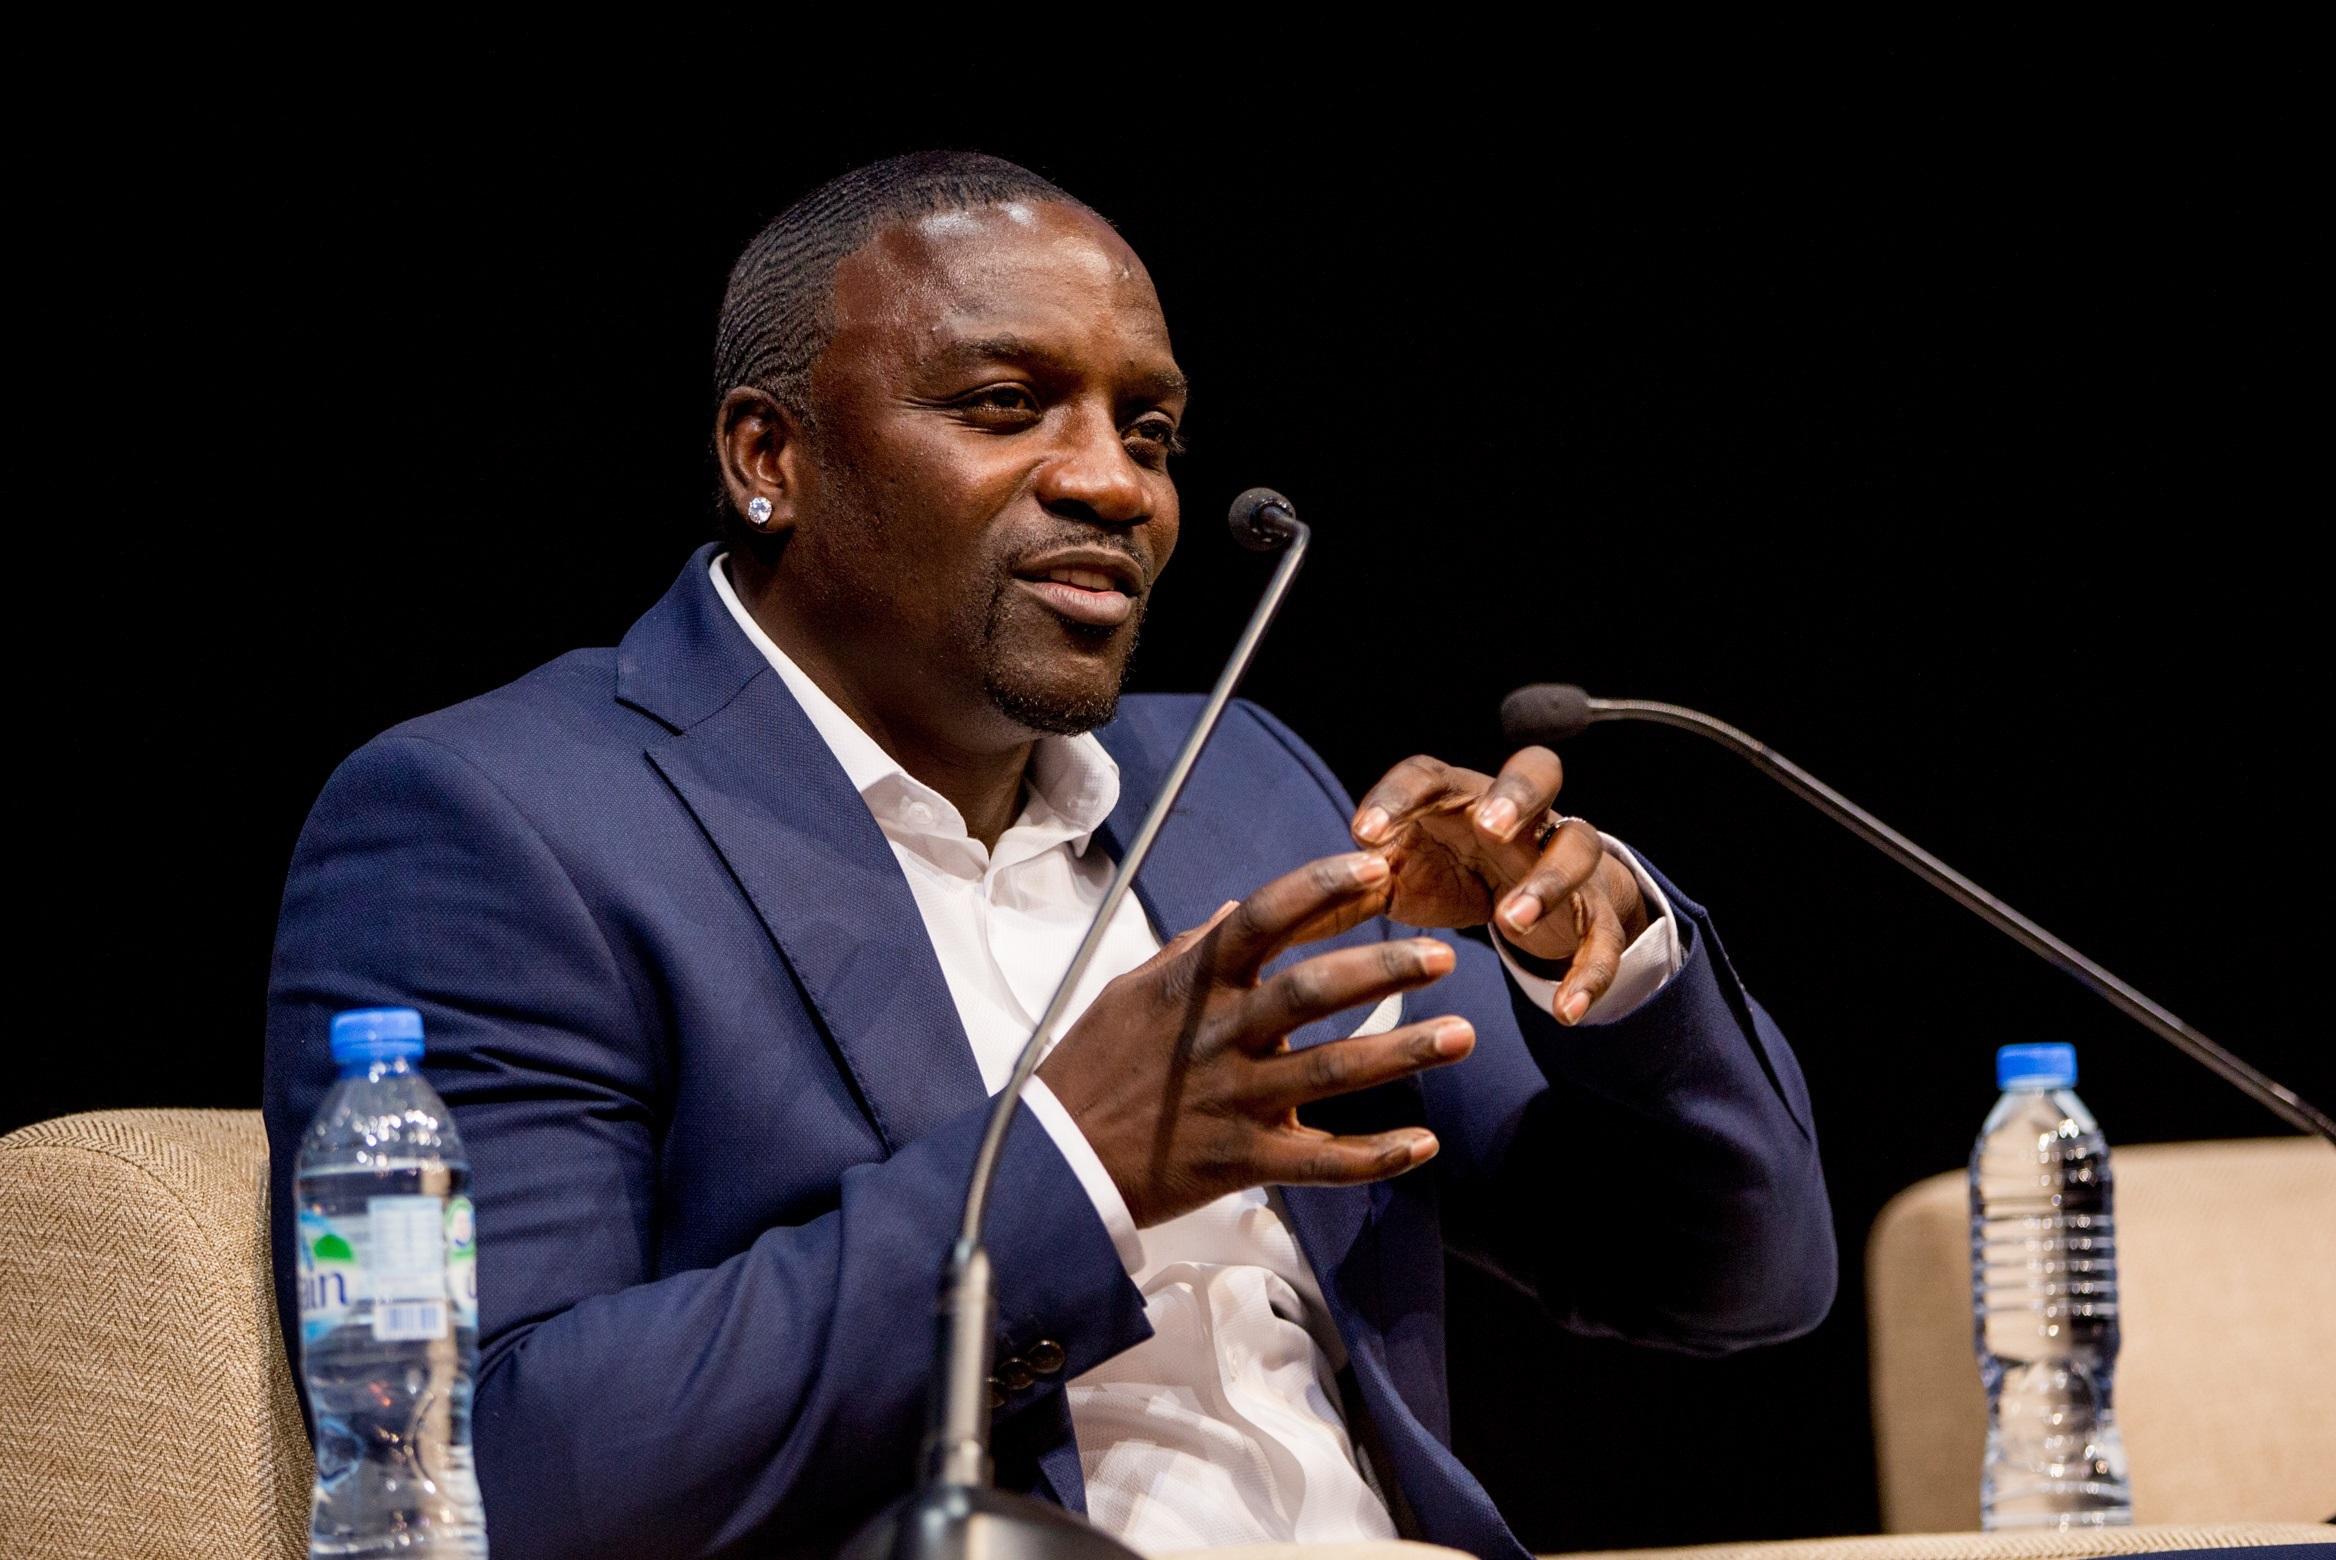 Akon Images